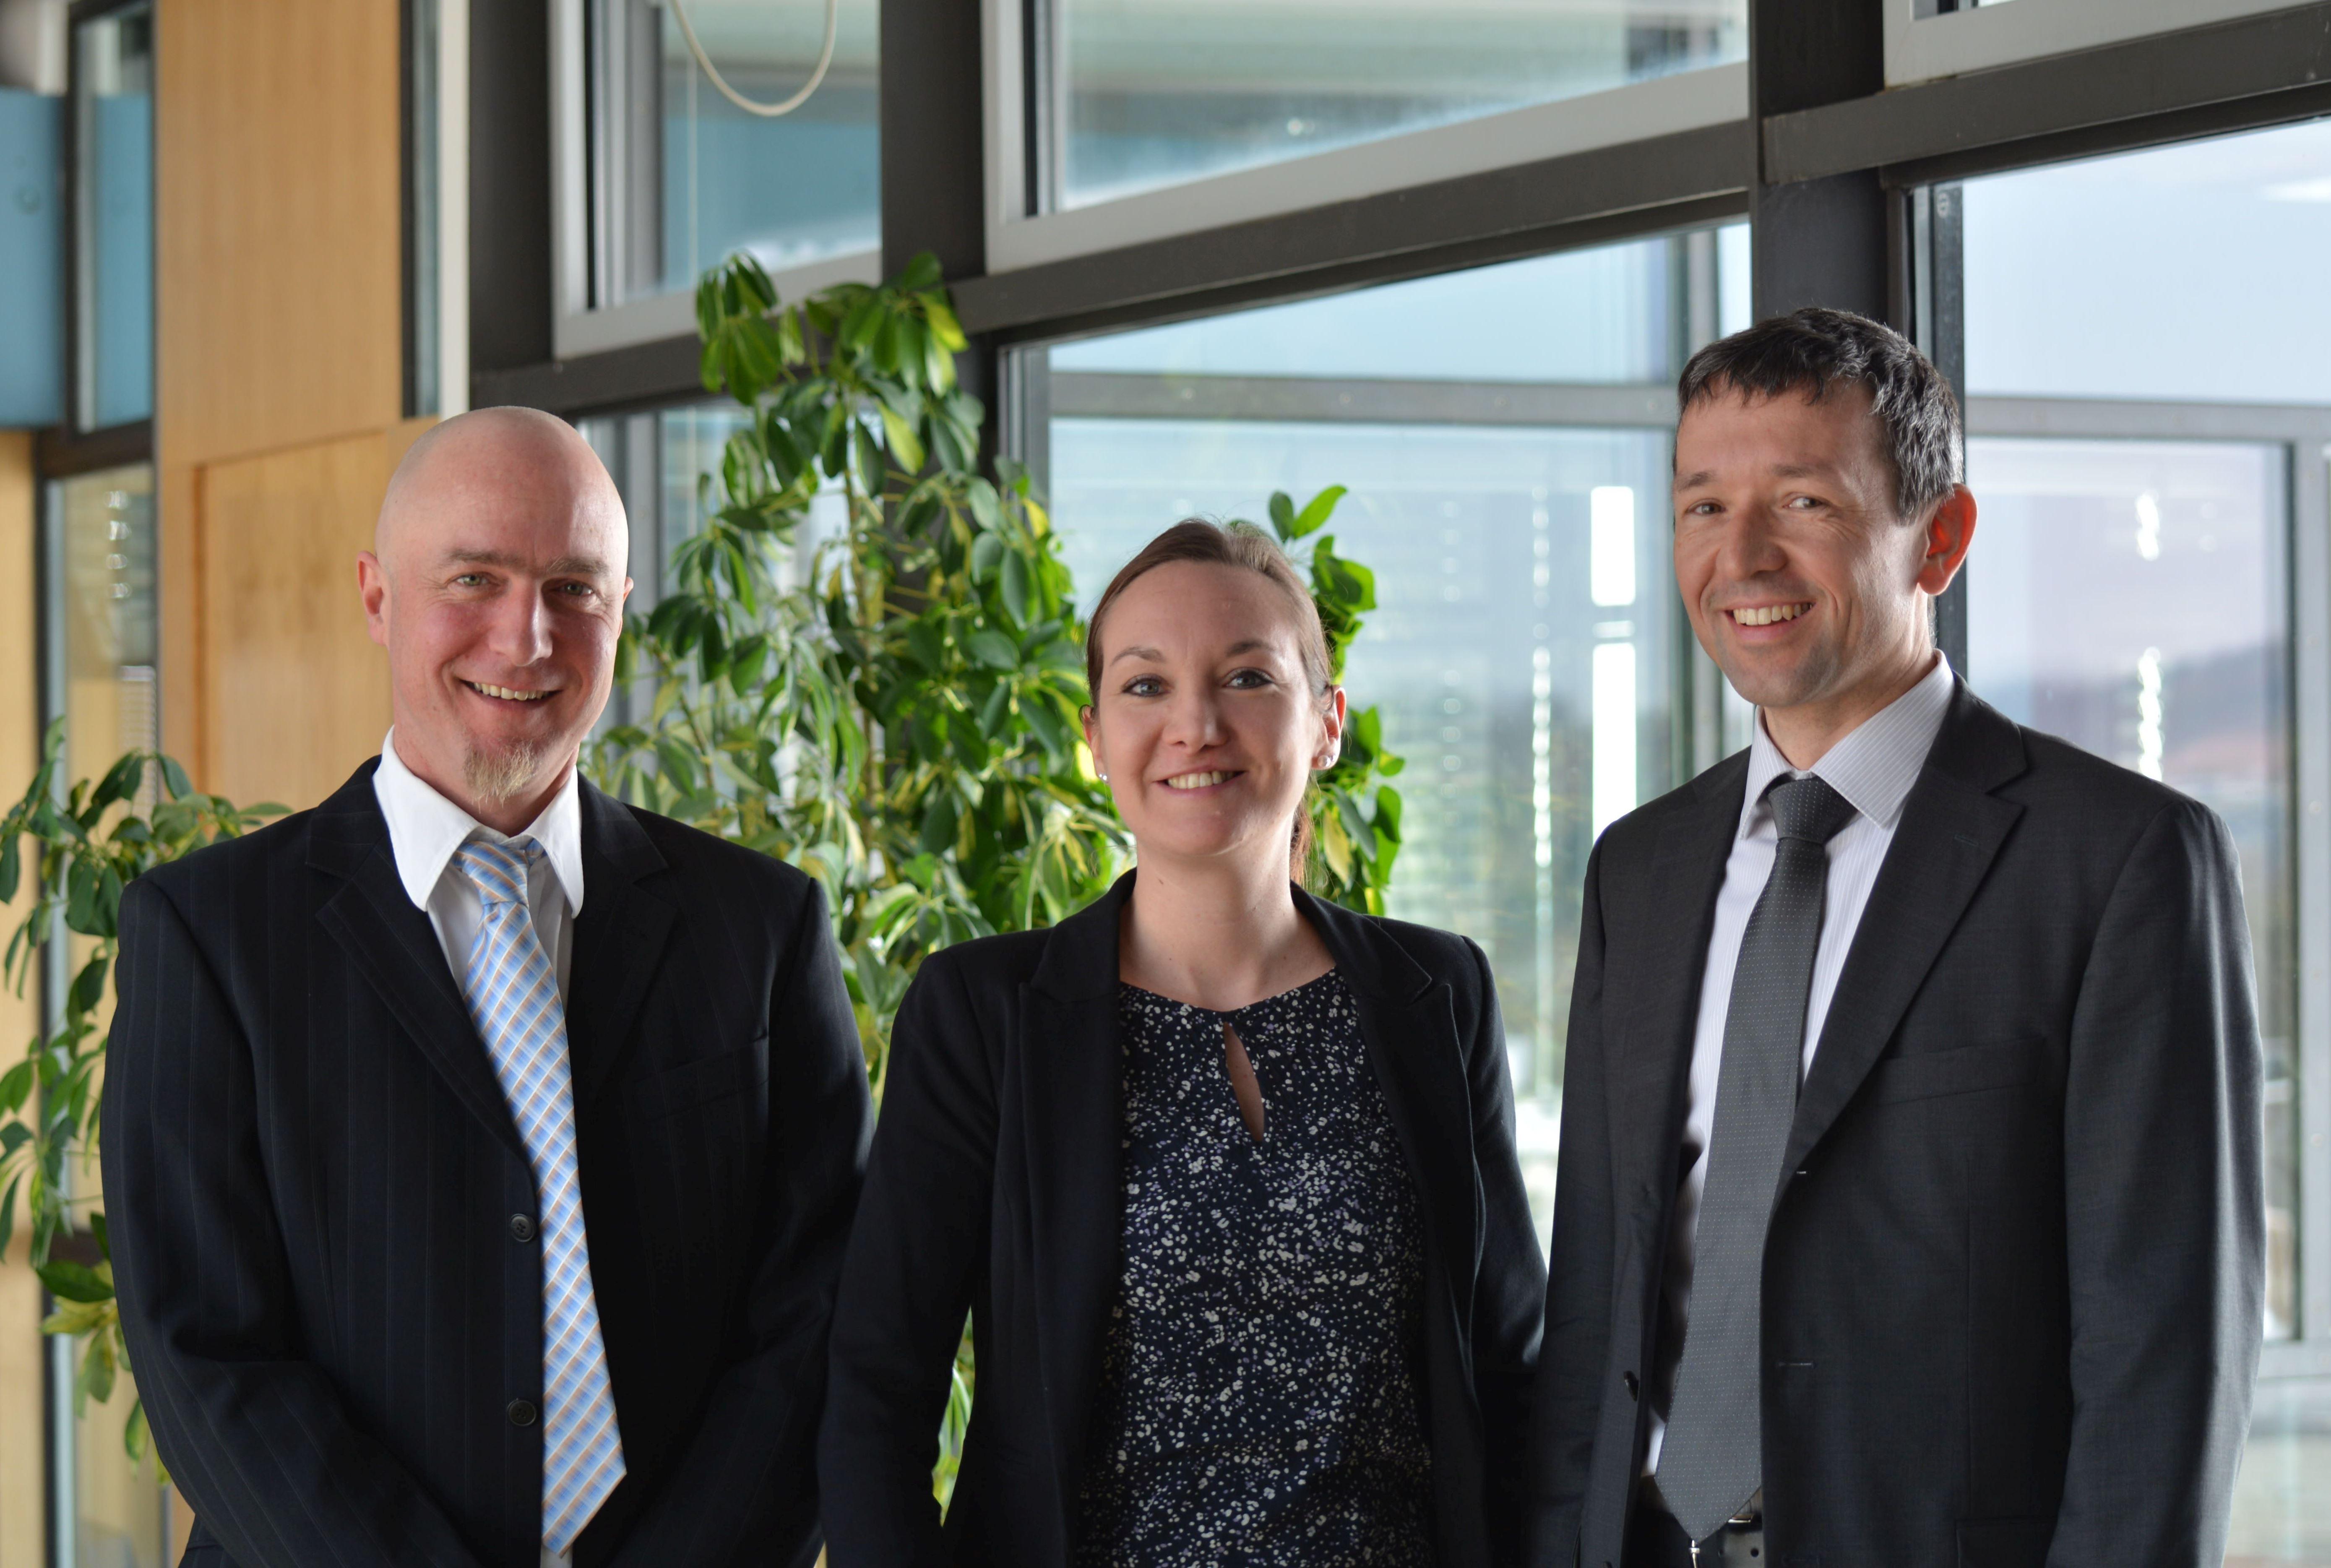 Jan Wunderlich, Maria Bertele, Martin Papendieck